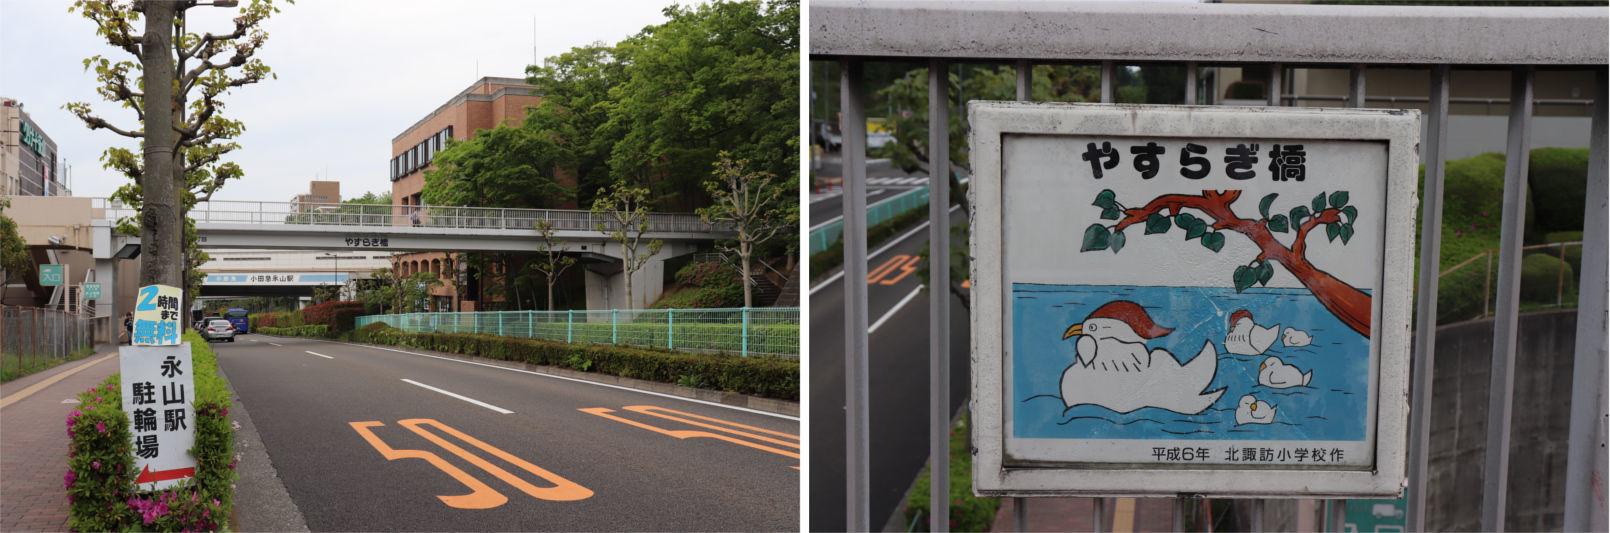 [多摩NTの橋ぜんぶ撮影PJ] No.26~30 弓の橋ほか_a0332275_17214208.jpg